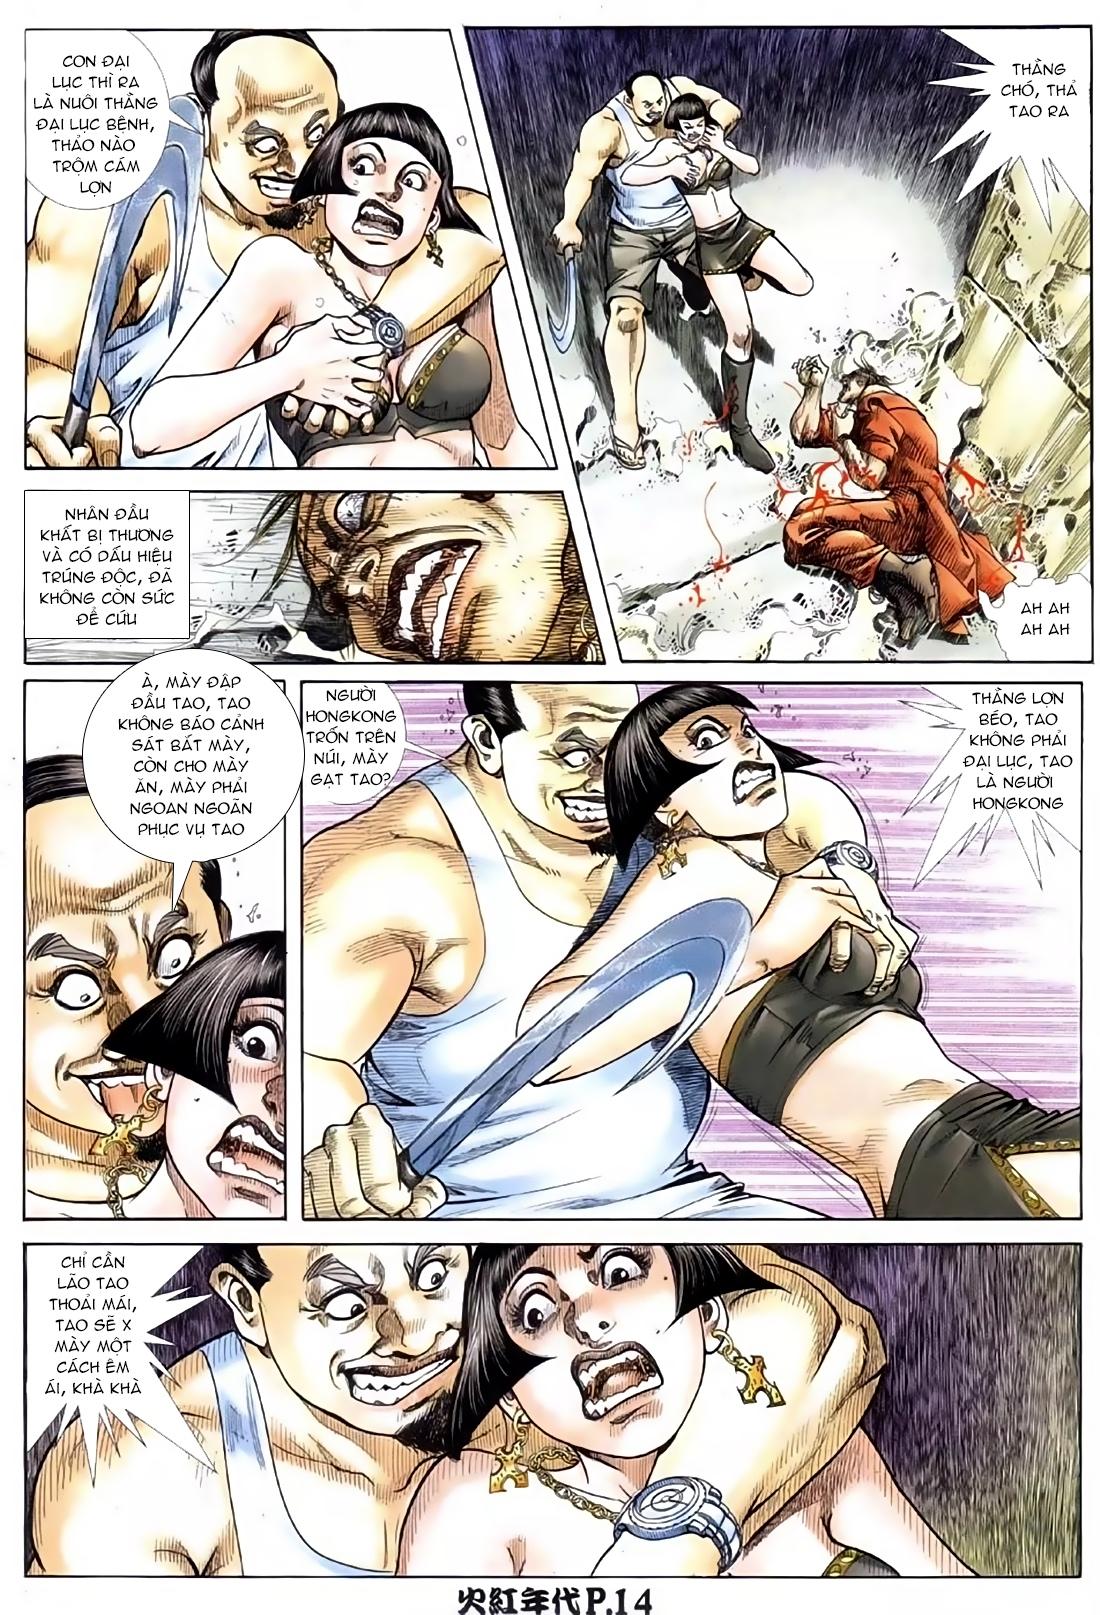 Hỏa Hồng Niên Đại Hắc Cốt Đường Chapter 88 - BigTruyen.net